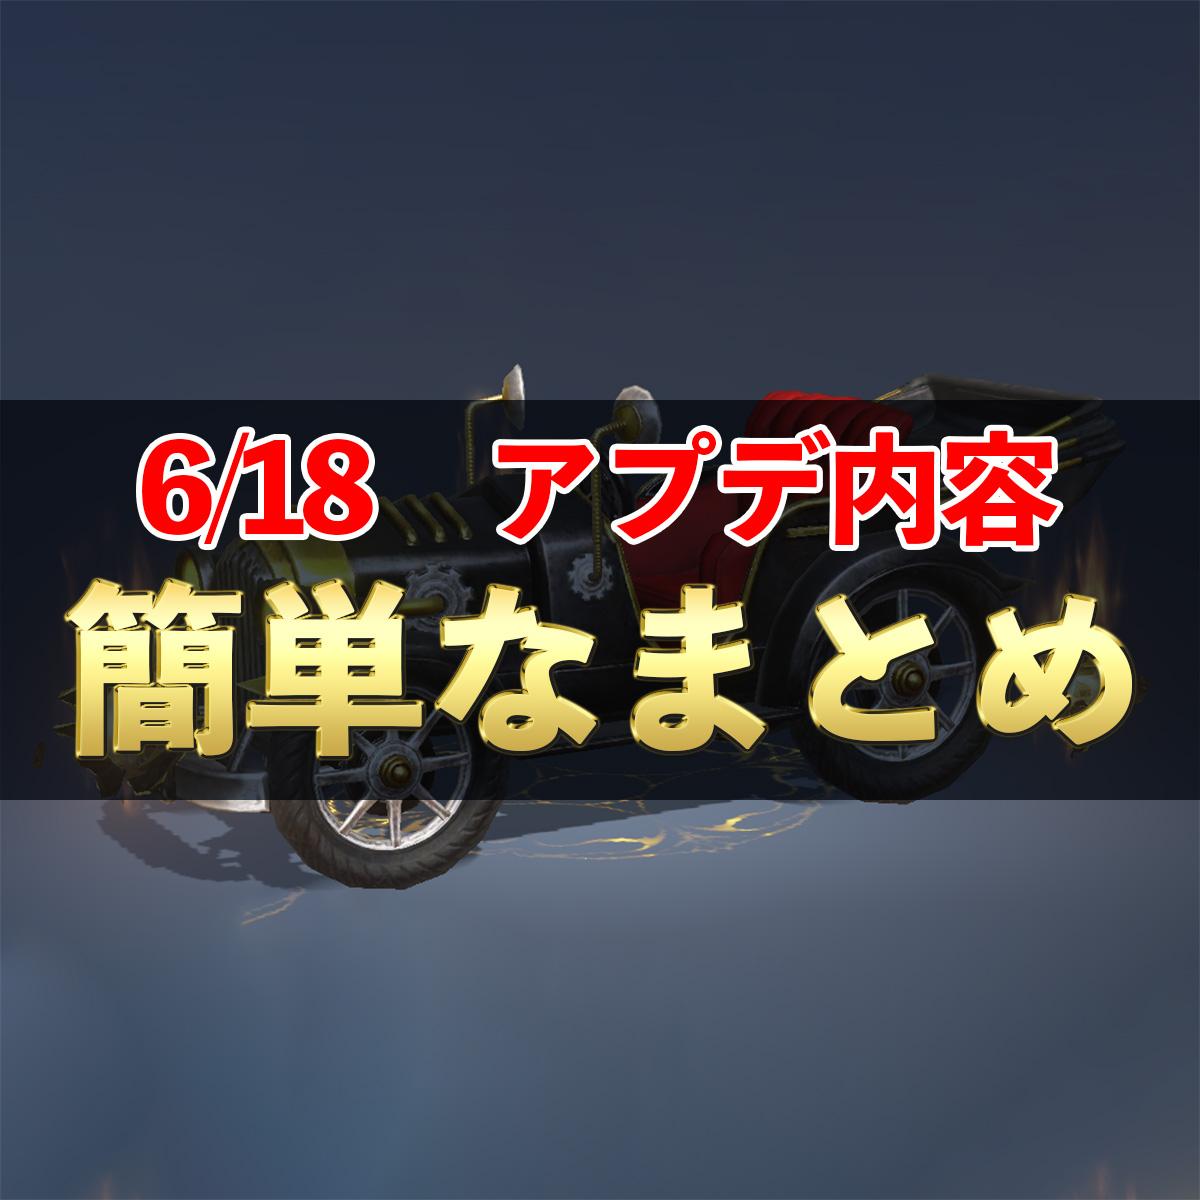 【リネレボ】リーマンでも10分でわかる6/18アップデート内容